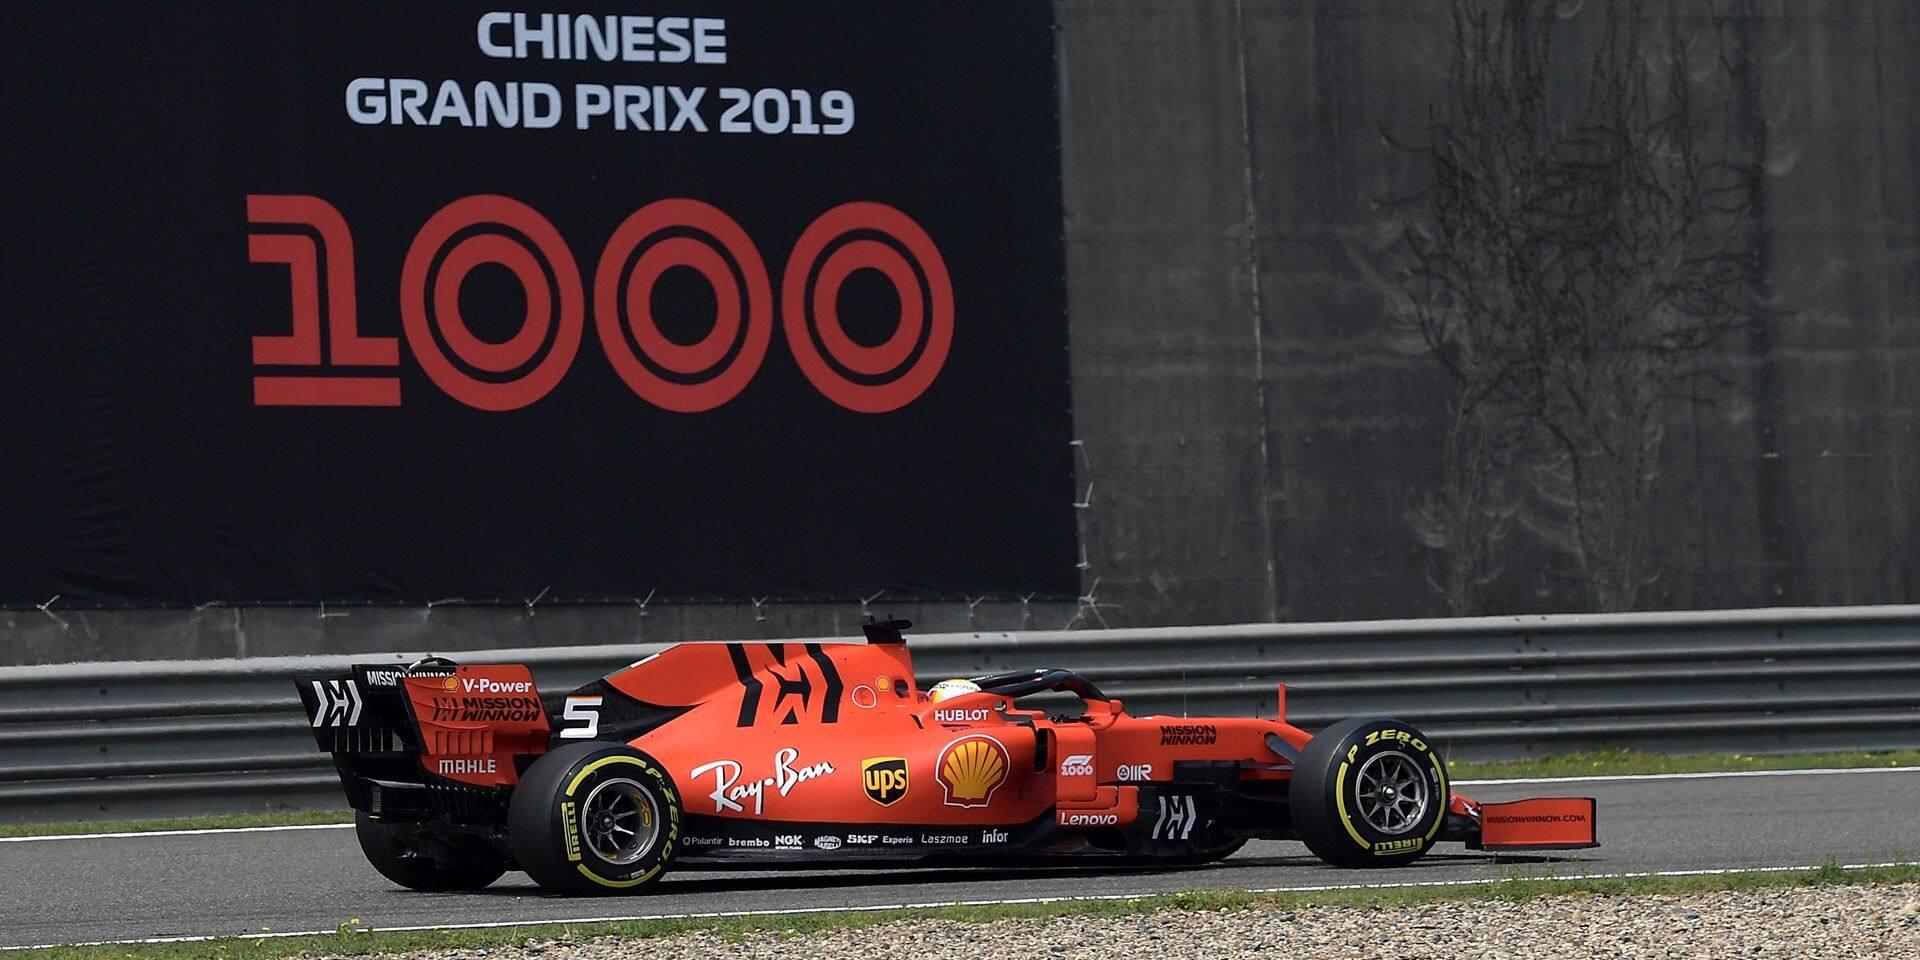 La F1 en plein dans le 1000 (INFOGRAPHIE)